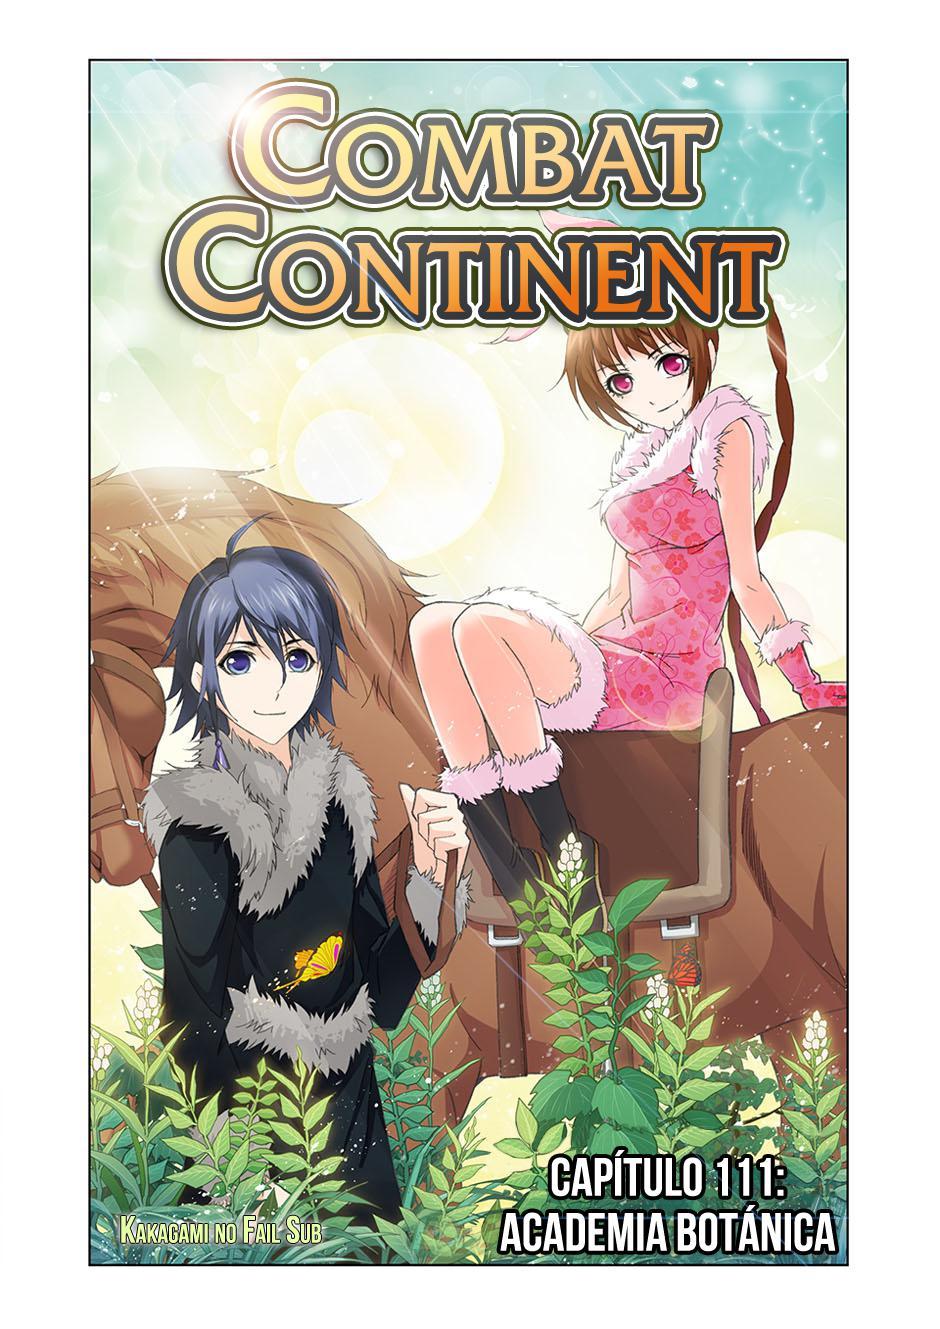 http://c5.ninemanga.com/es_manga/18/16210/417007/f7ddba6262b801bc2aae351a3b30851a.jpg Page 2